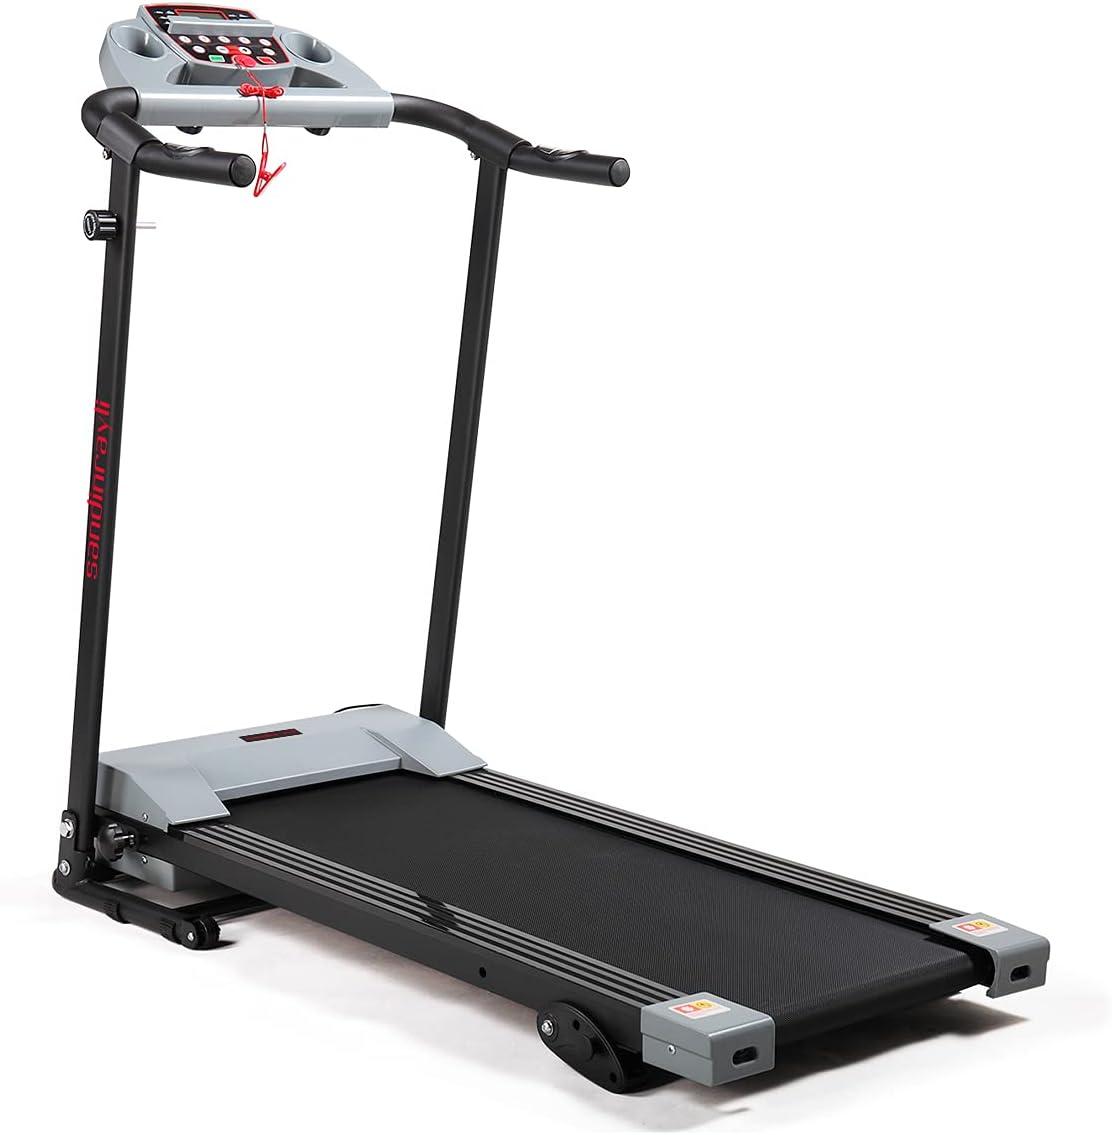 JAXPETY Folding Treadmill